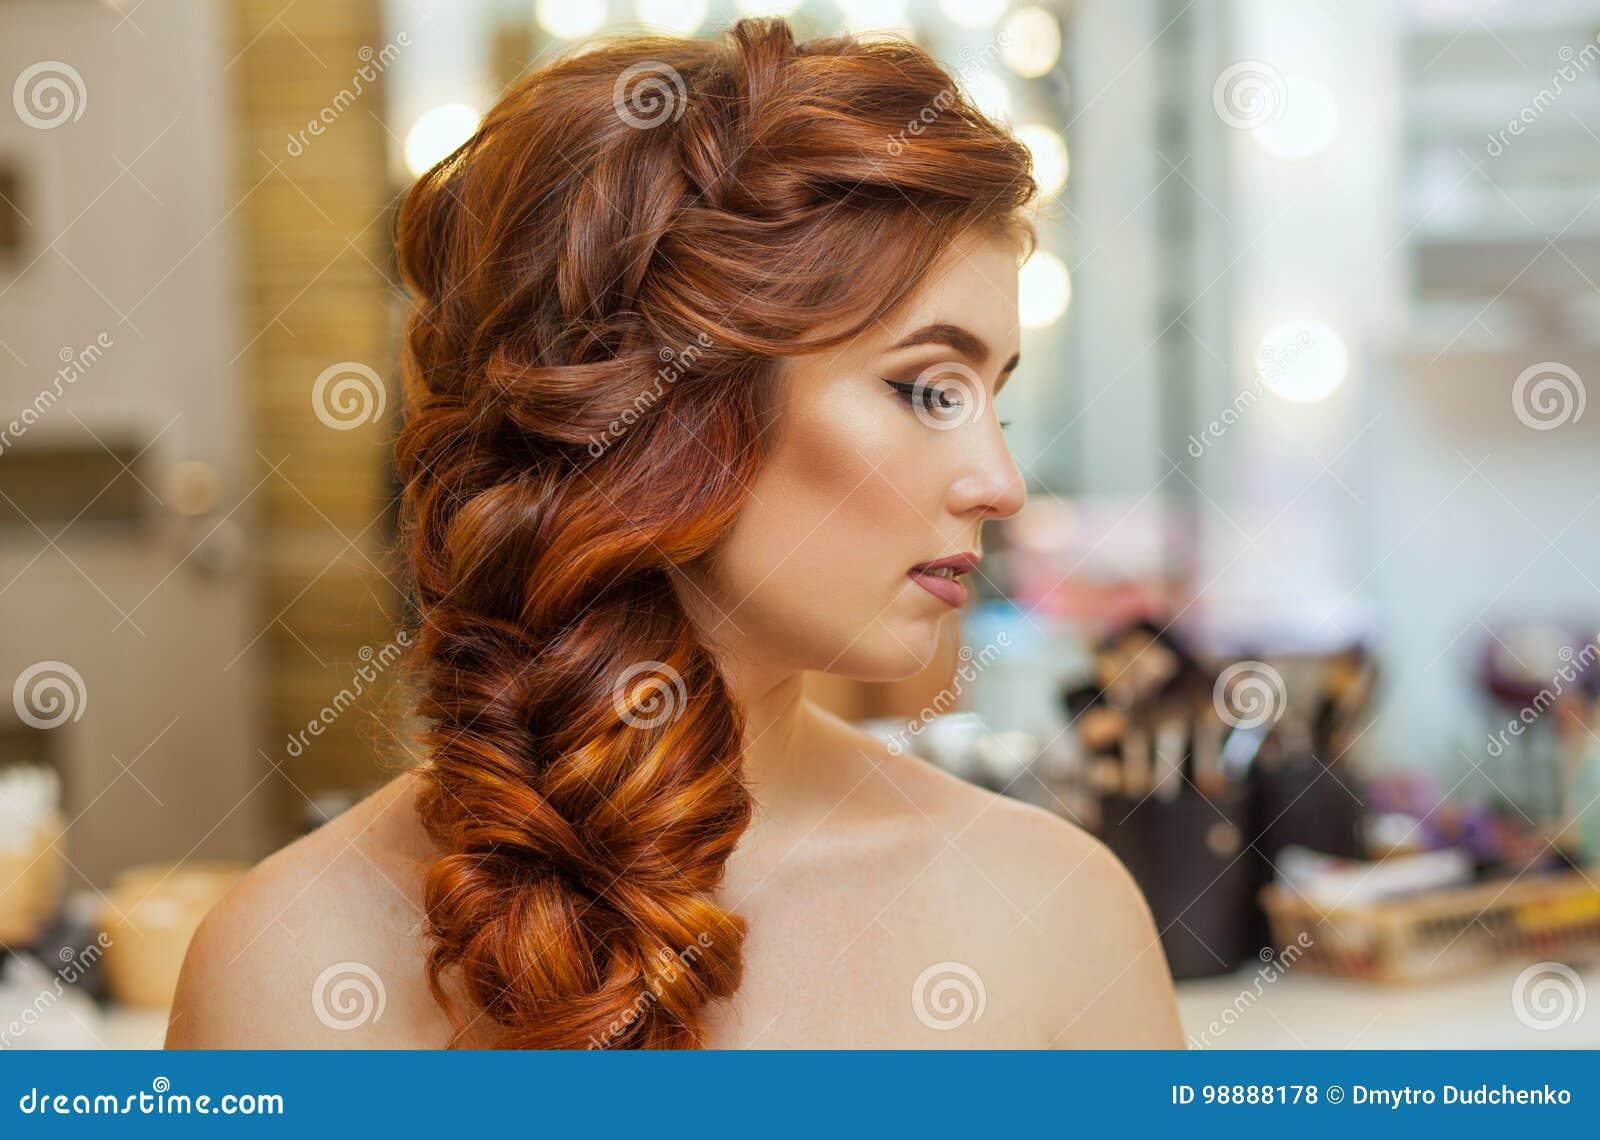 美丽,与长期,红发长毛的女孩,美发师编织法国辫子,在美容院